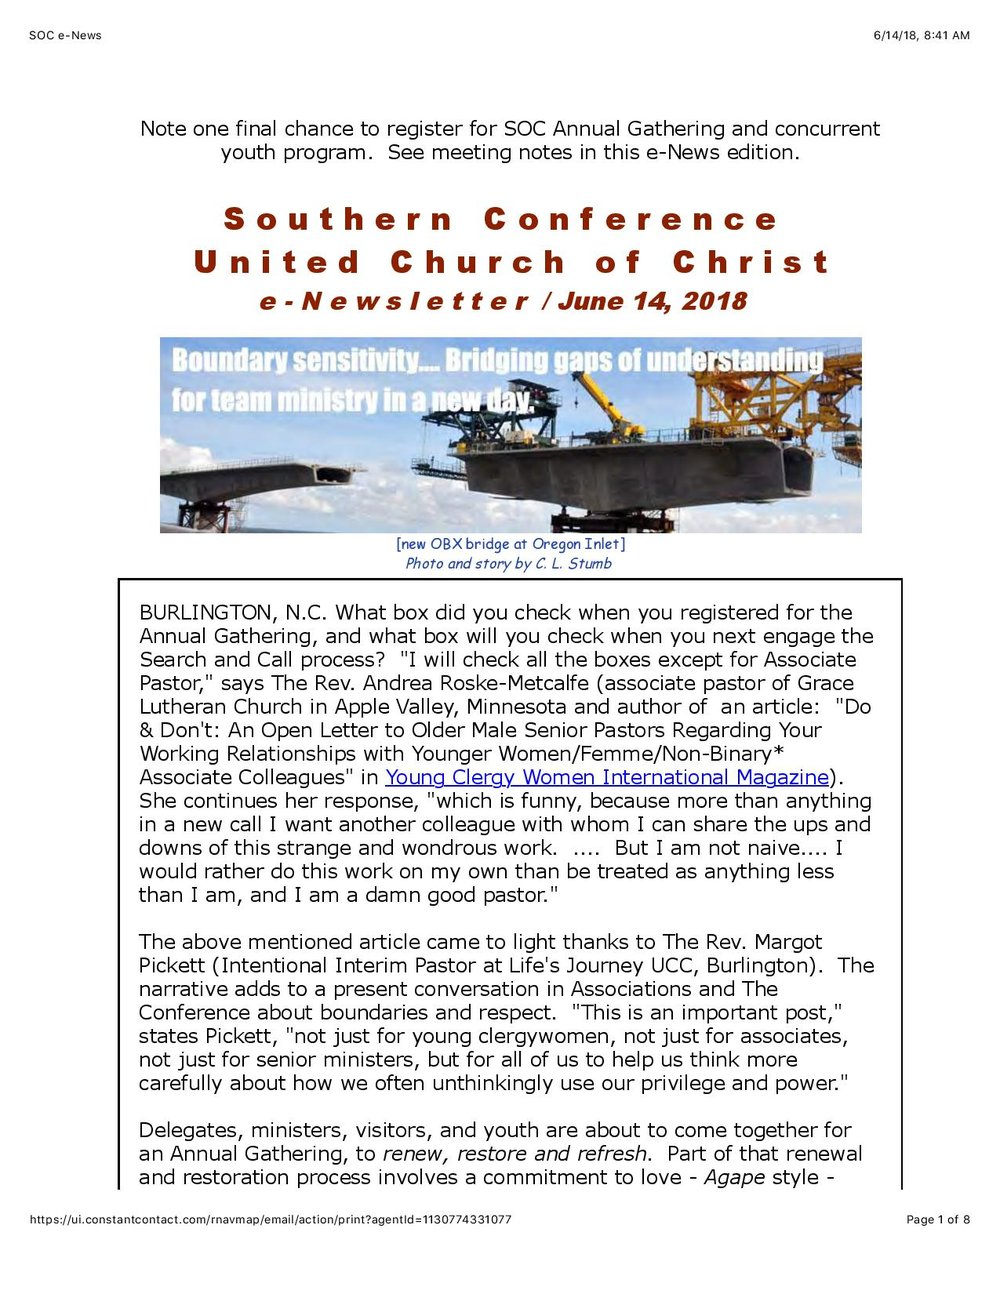 SOC_e-News_6-14-18-page-001.jpg